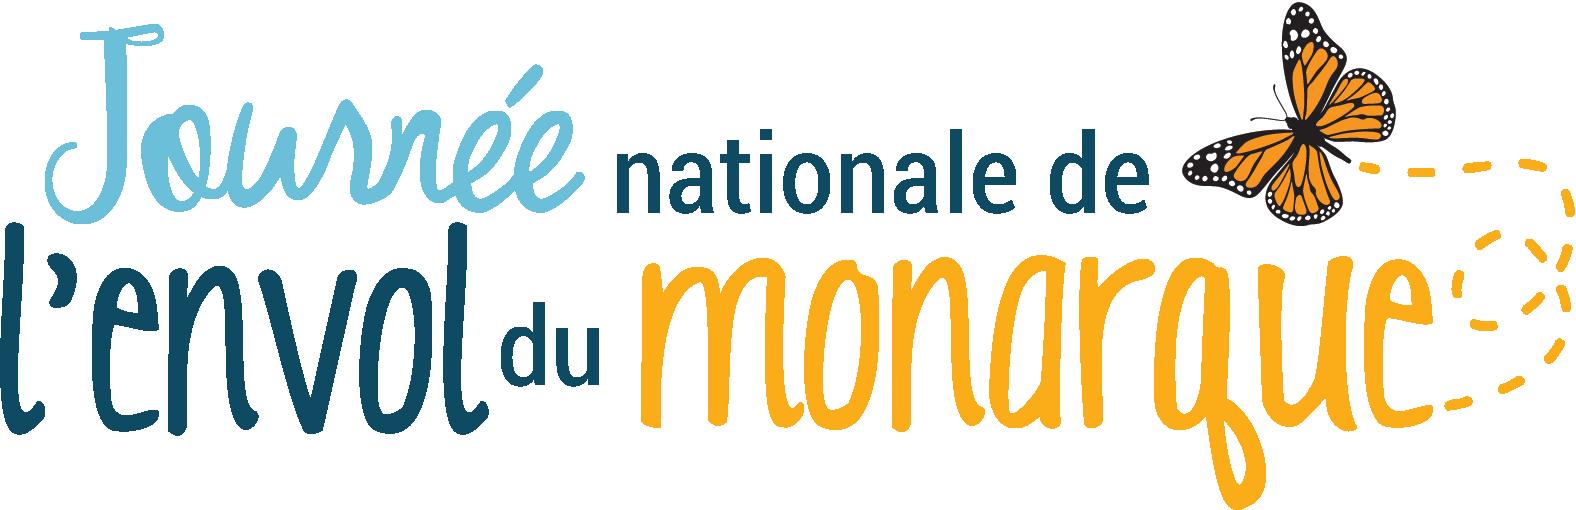 journee nationale de l'envol des monarques